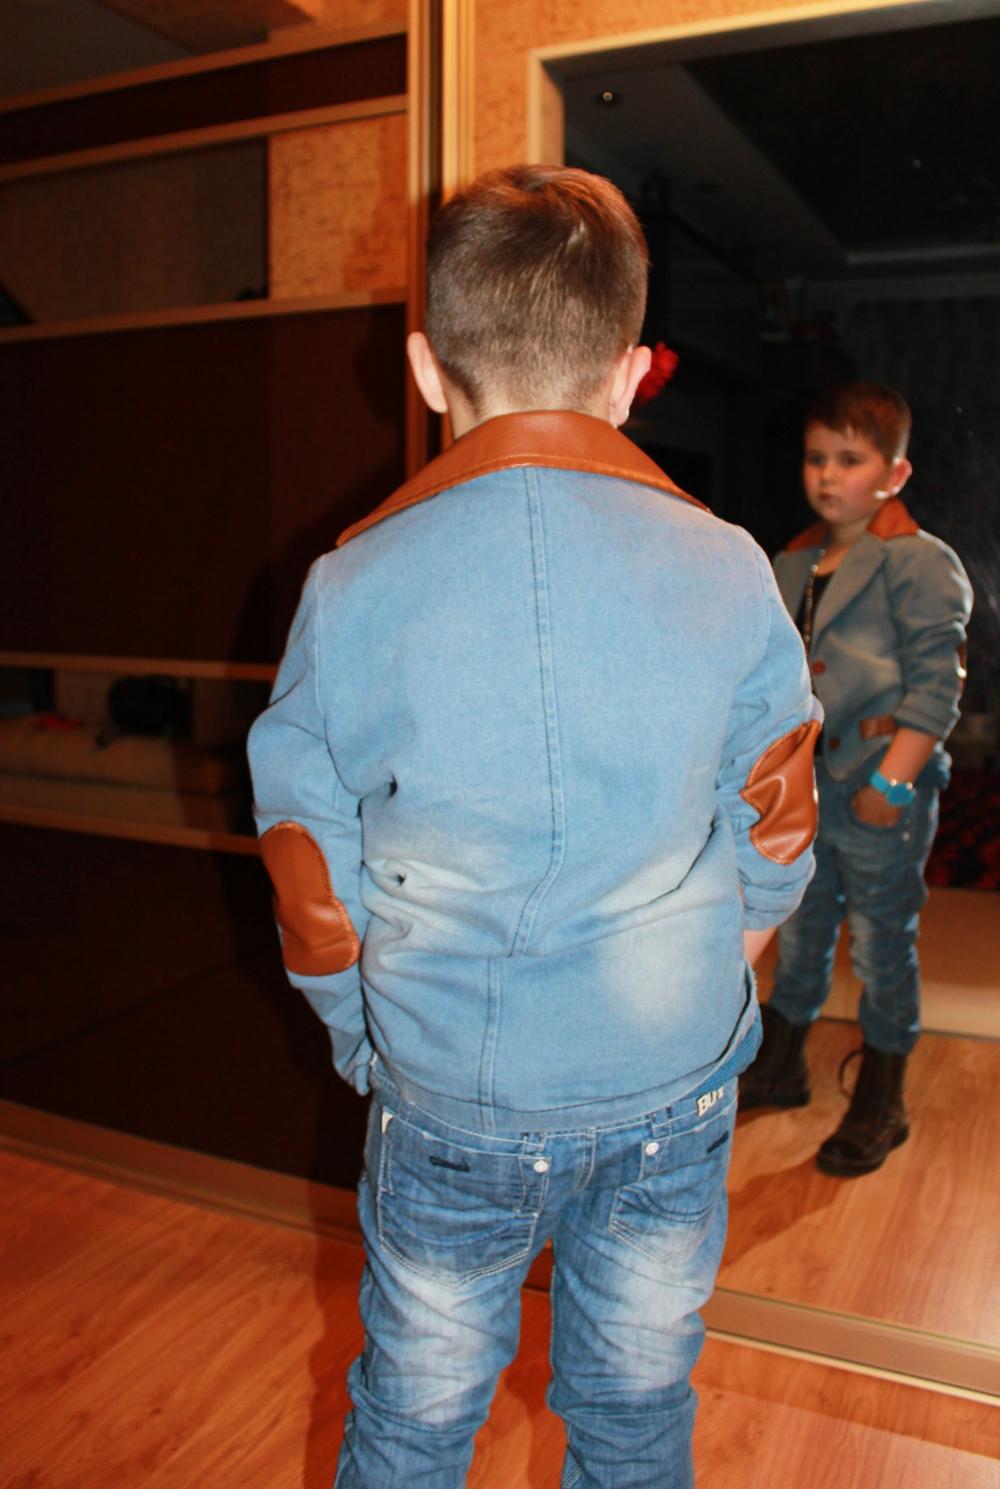 Сын задрал юбку маме когда они делали уроки 7 фотография